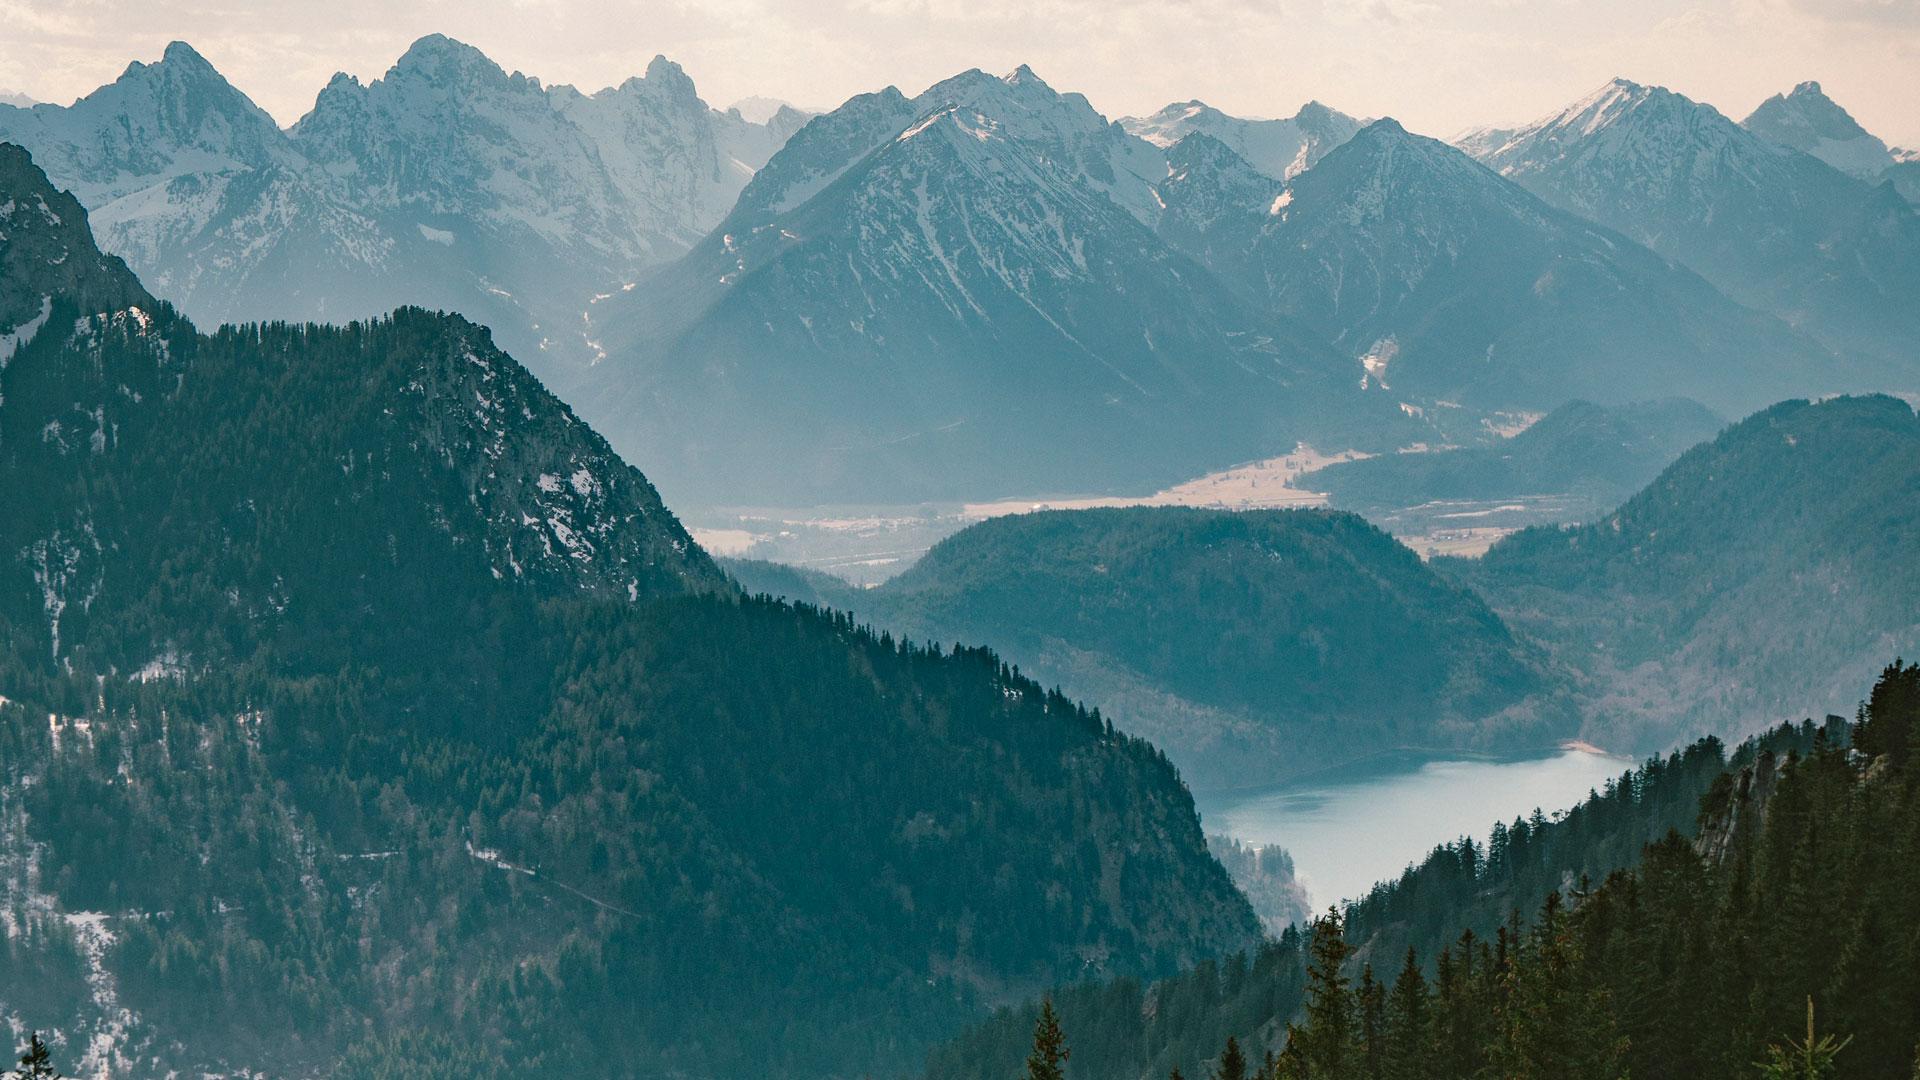 Imágenes de 5 bosques